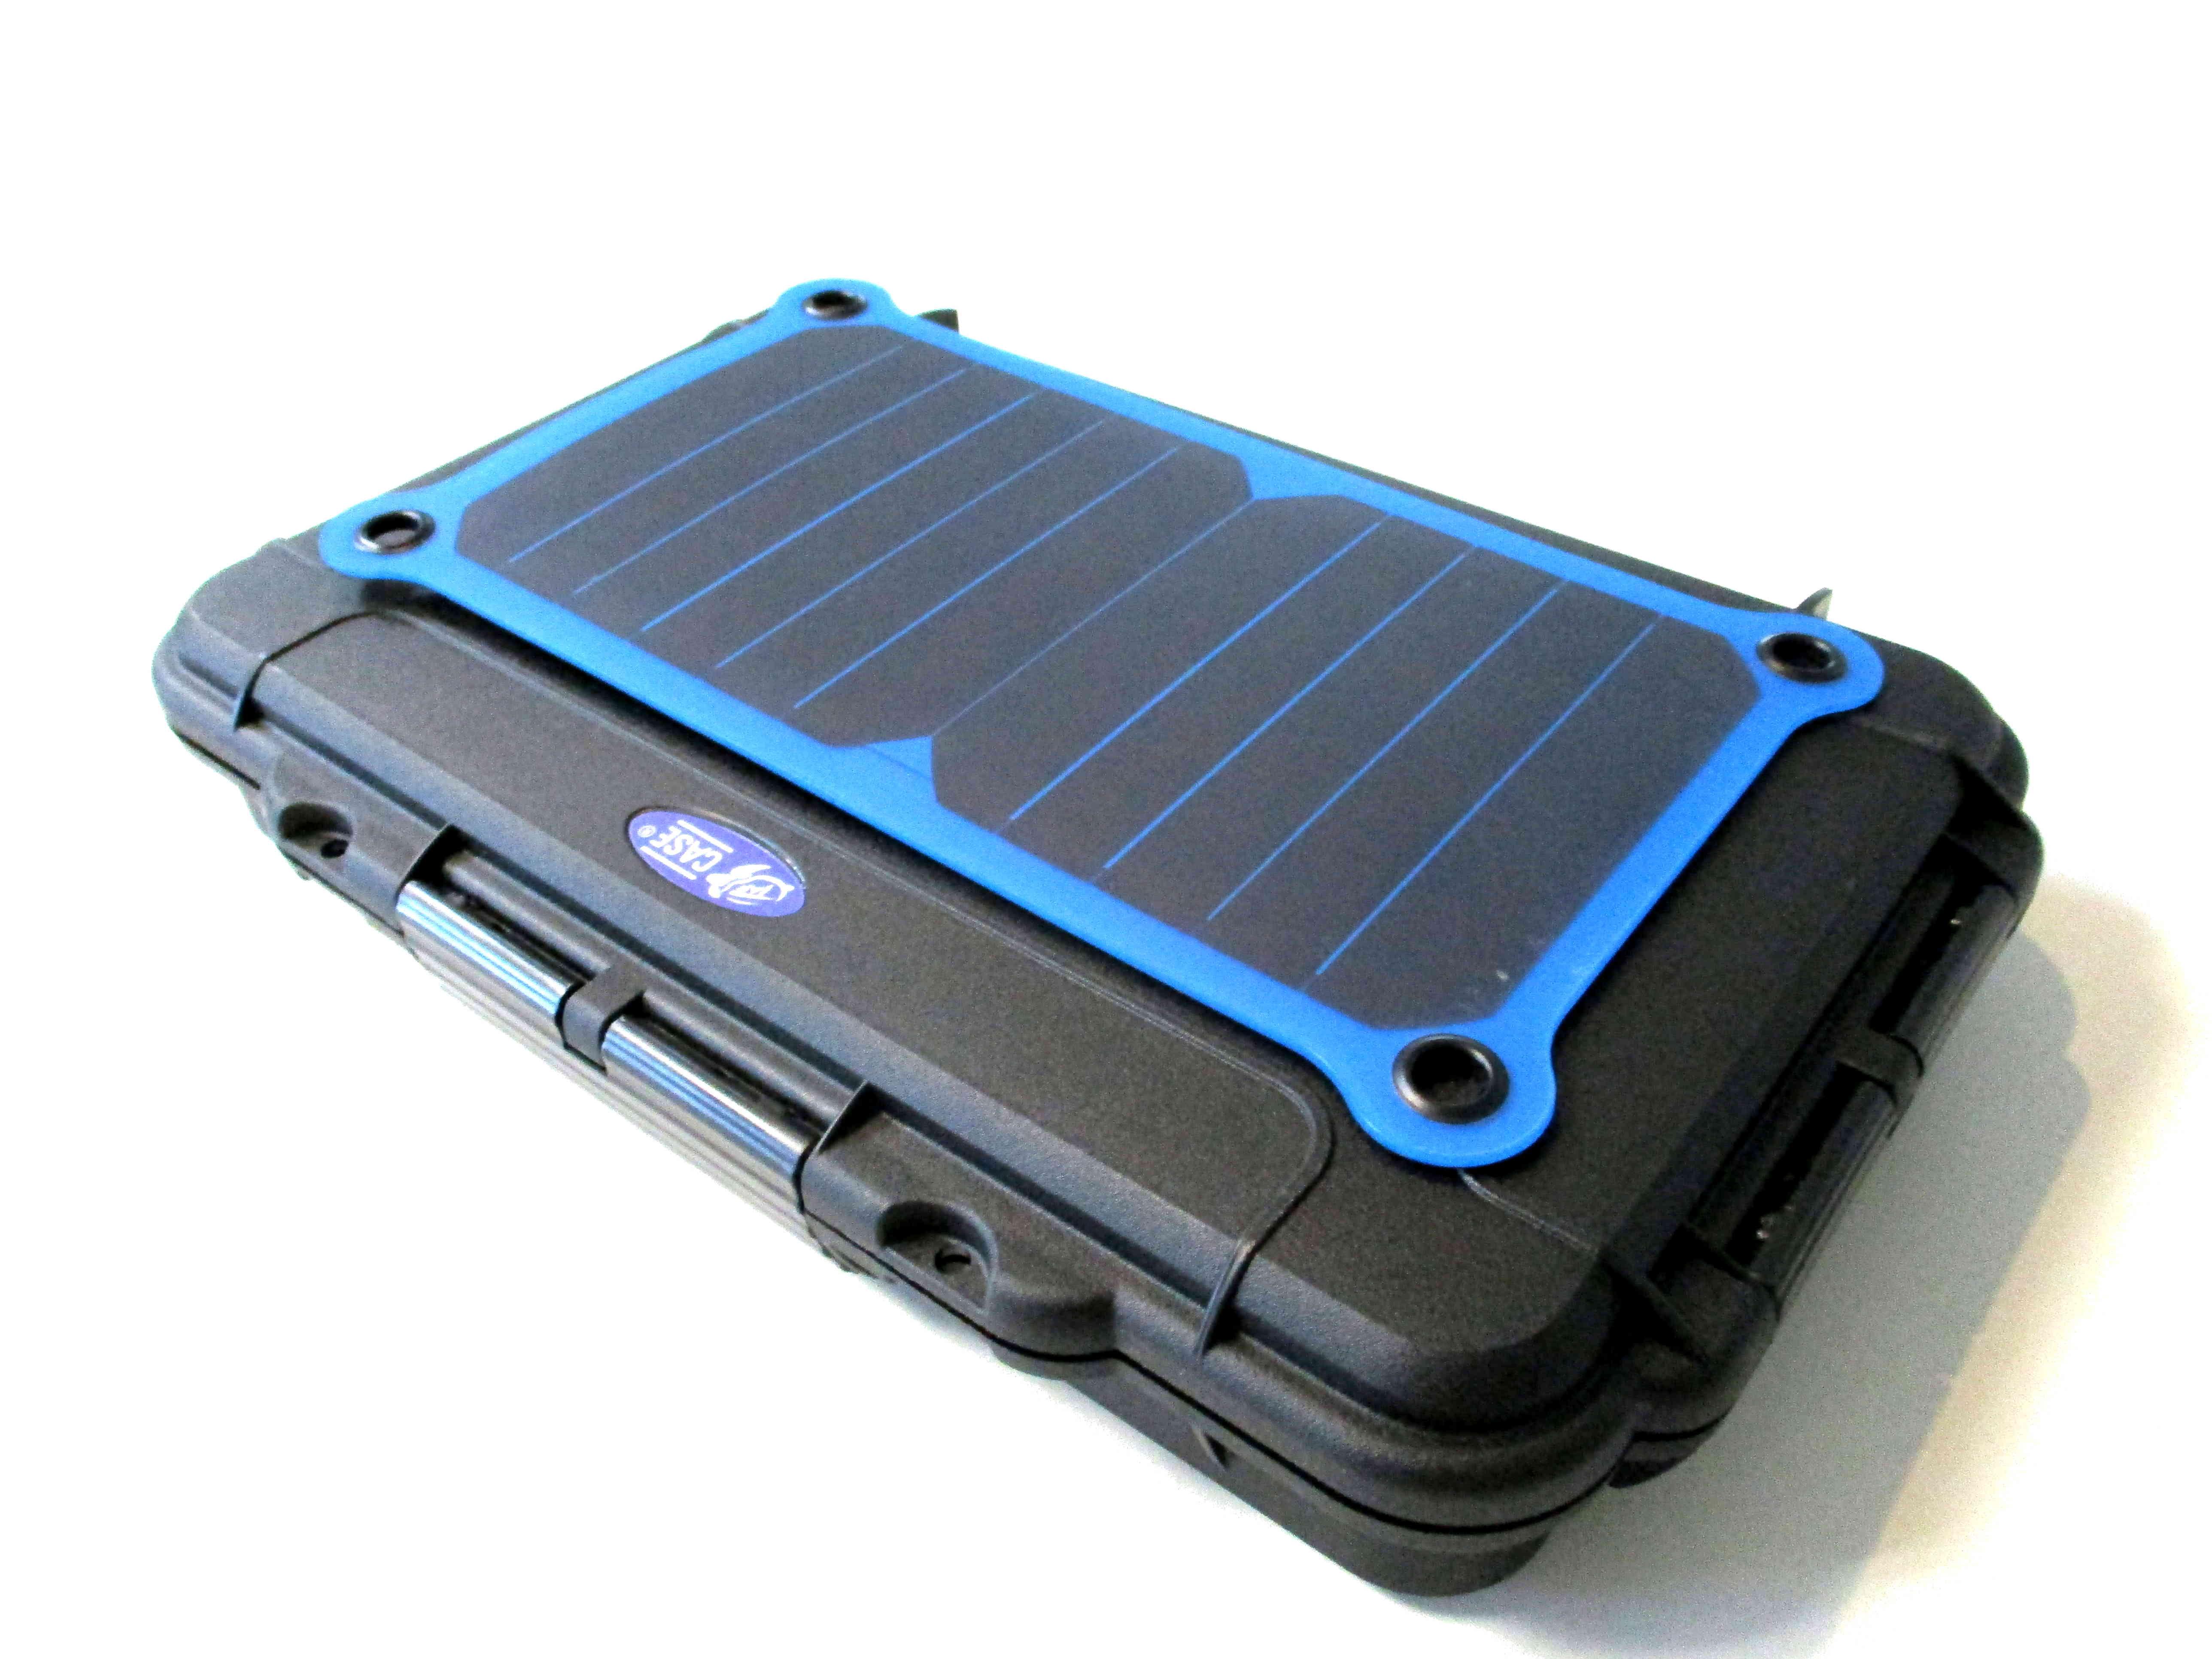 taf case 103 outdoor koffer mit usb solar ladeger t. Black Bedroom Furniture Sets. Home Design Ideas